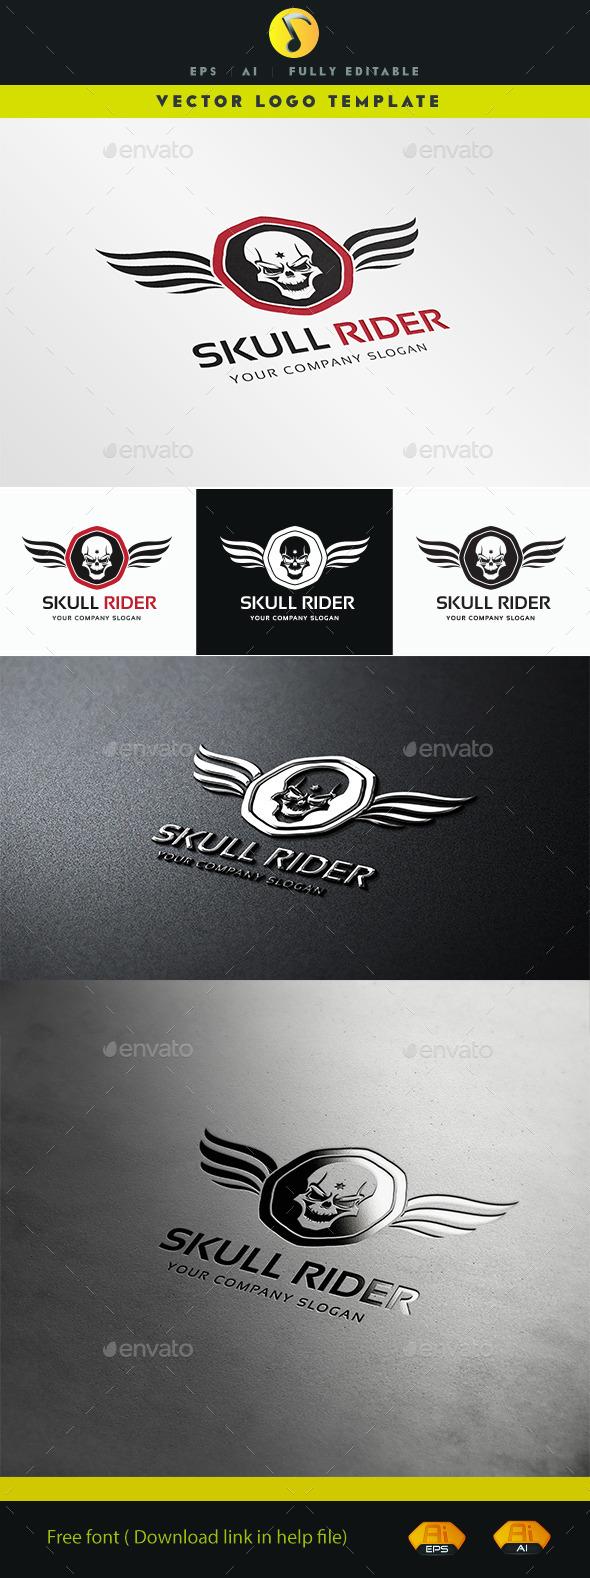 GraphicRiver Skull Rider 11378775